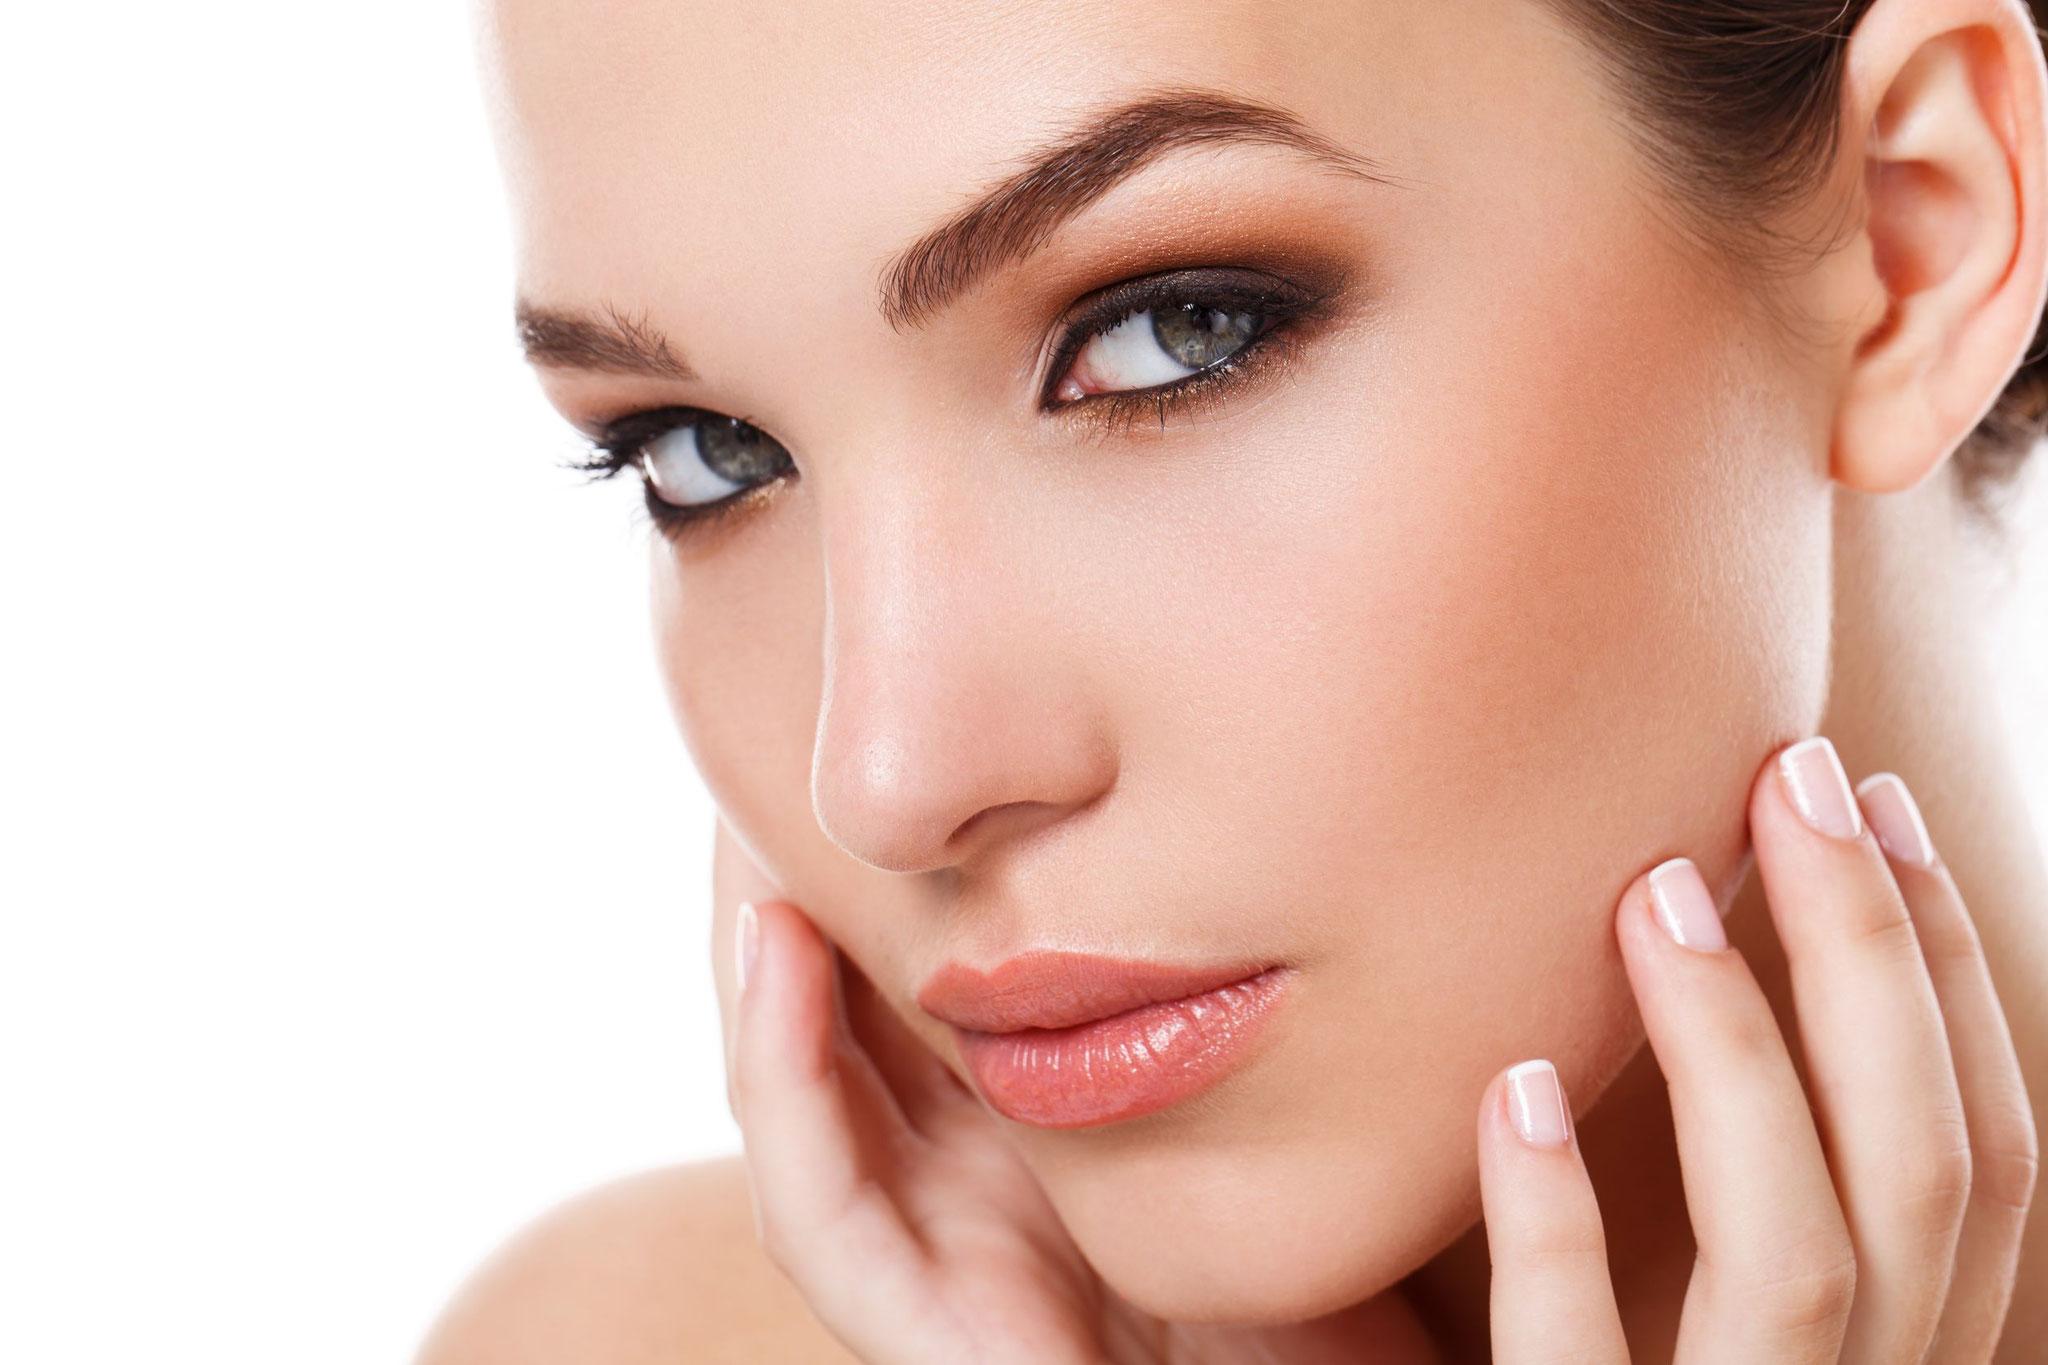 Erreiche dauerhafte Harmonie und Schönheit mit Permanent Make-Up